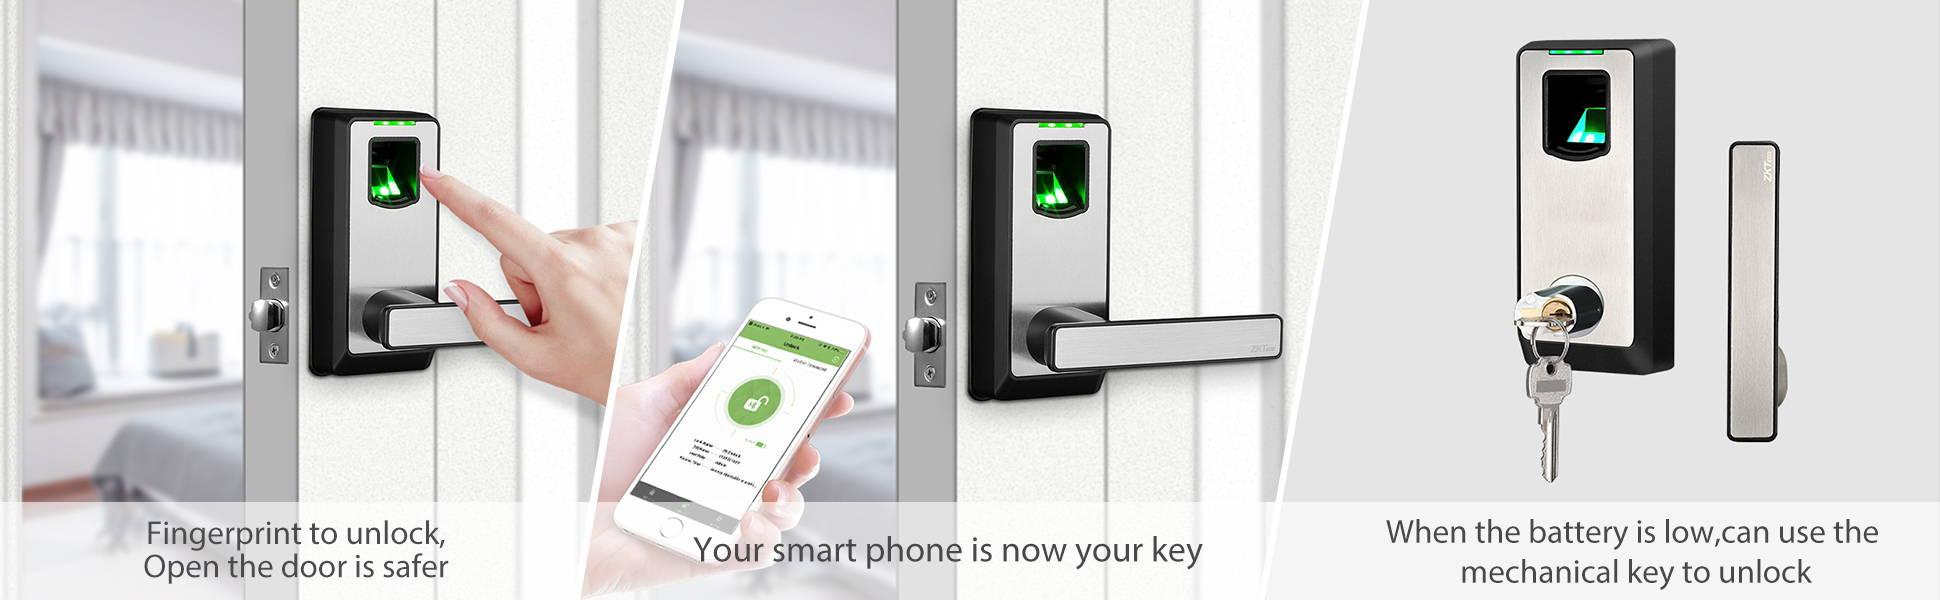 unlock your door easily with this smart lock